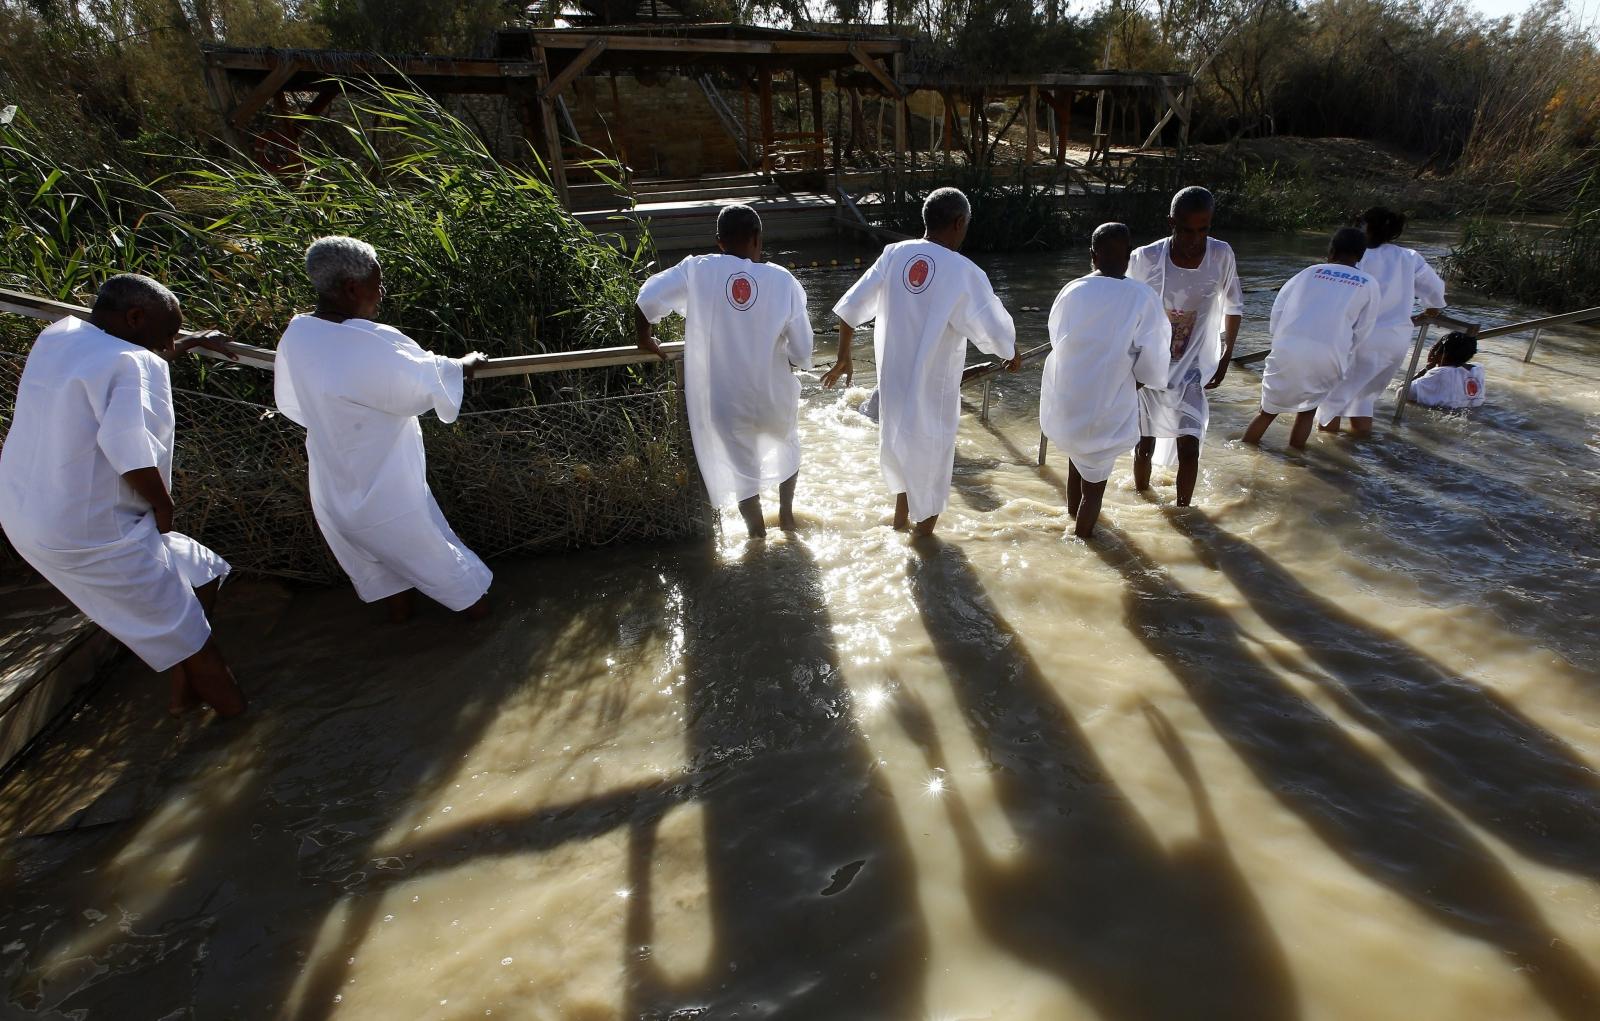 Chrześcijanie z Etiopii otrzymali chrzest nad rzeką Jordan. Fot. PAP/EPA/ALAA BADARNEH